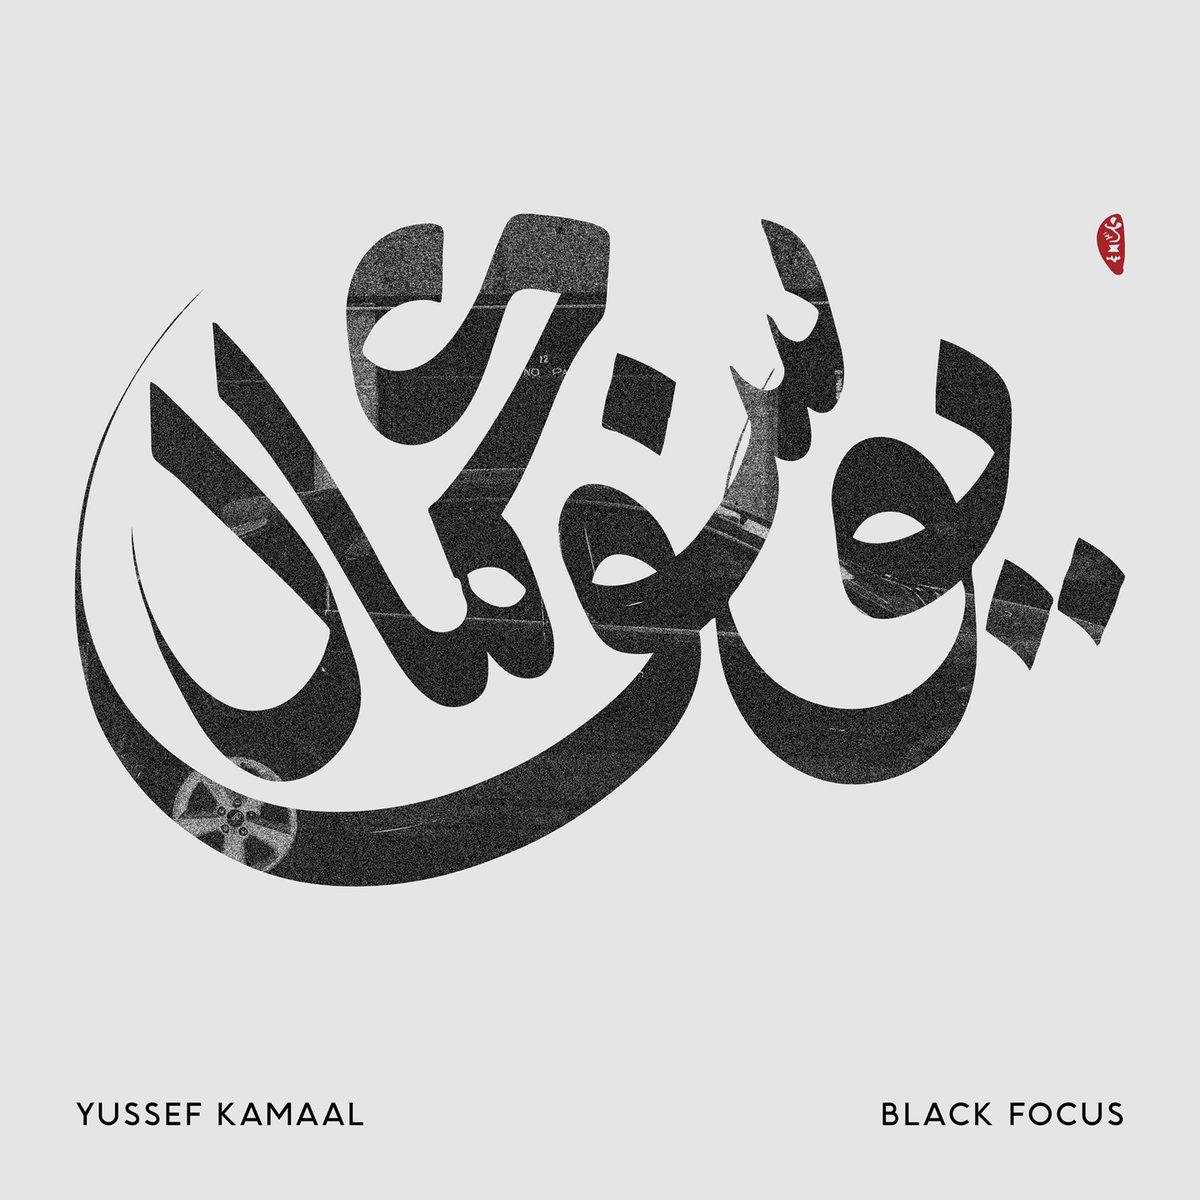 Yussef Kamaal